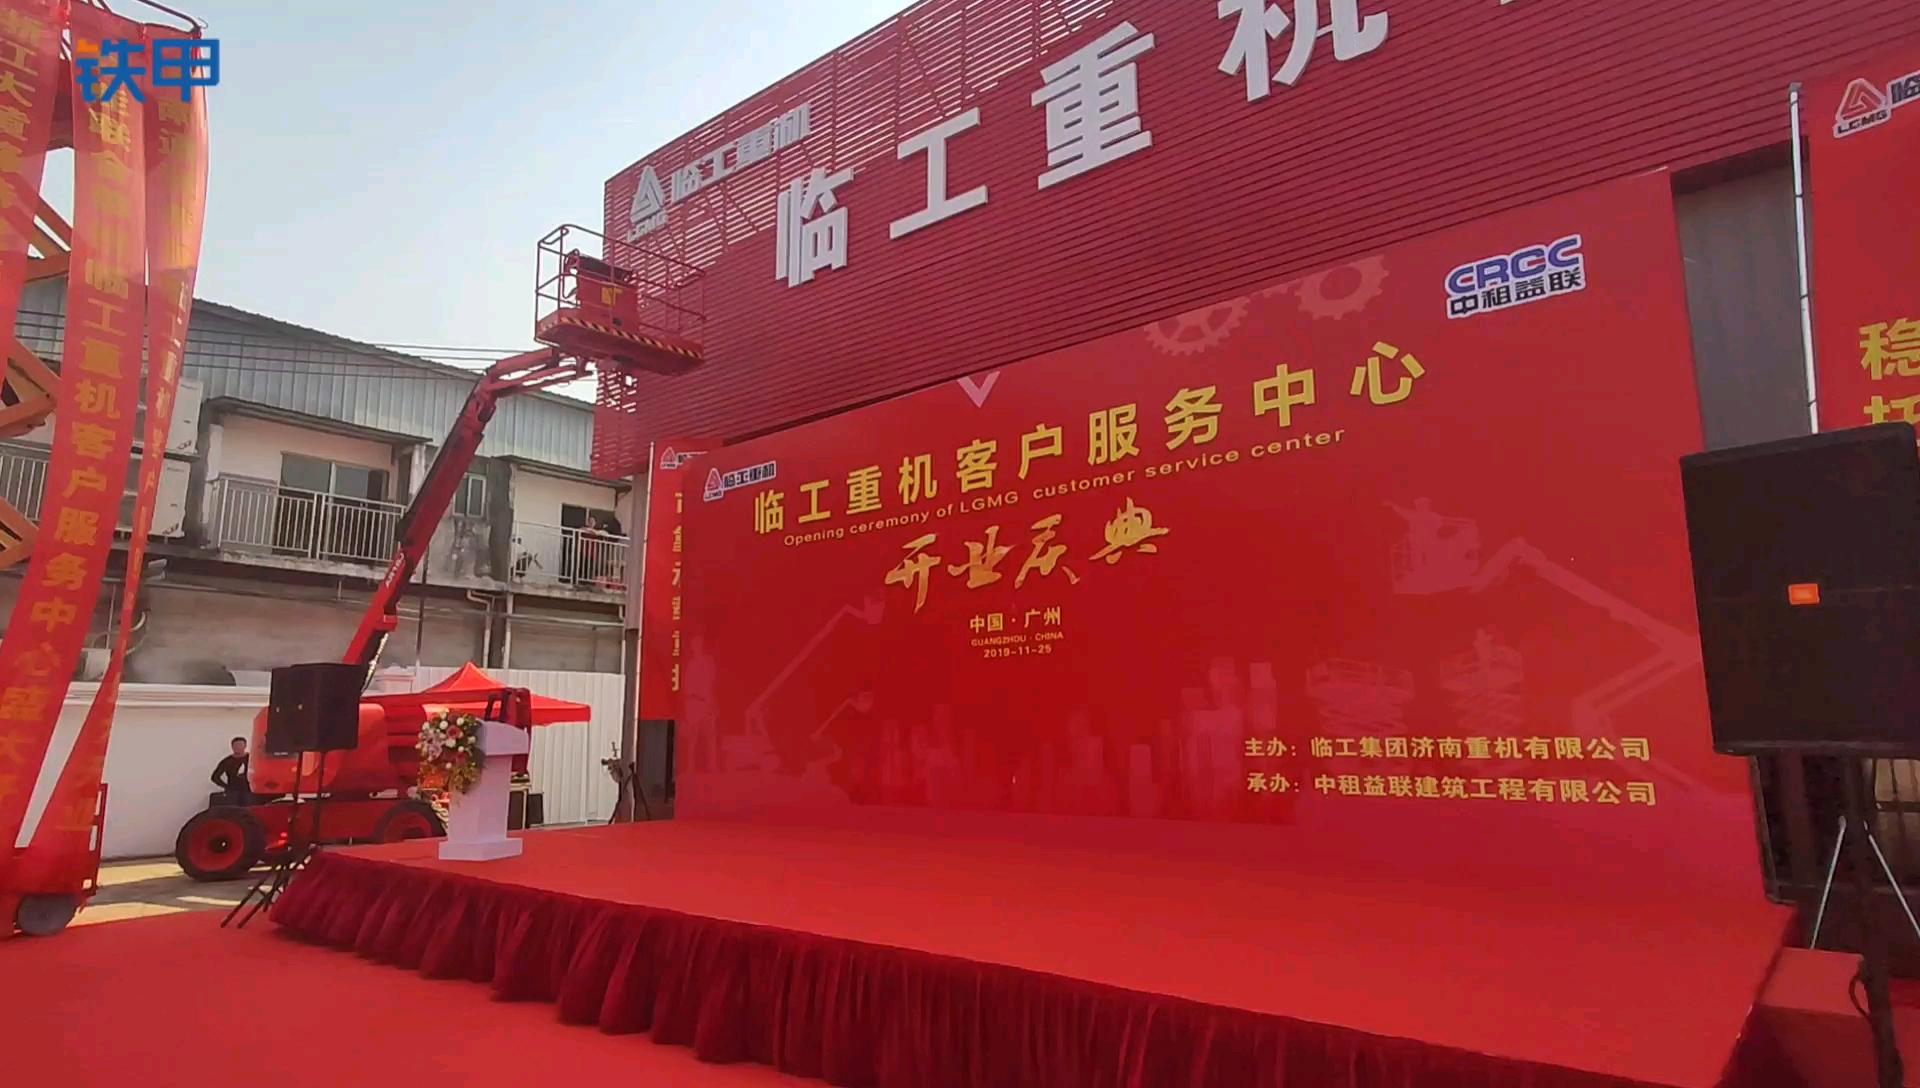 15秒短视频!带你看临工重机广州客户服务中心开业